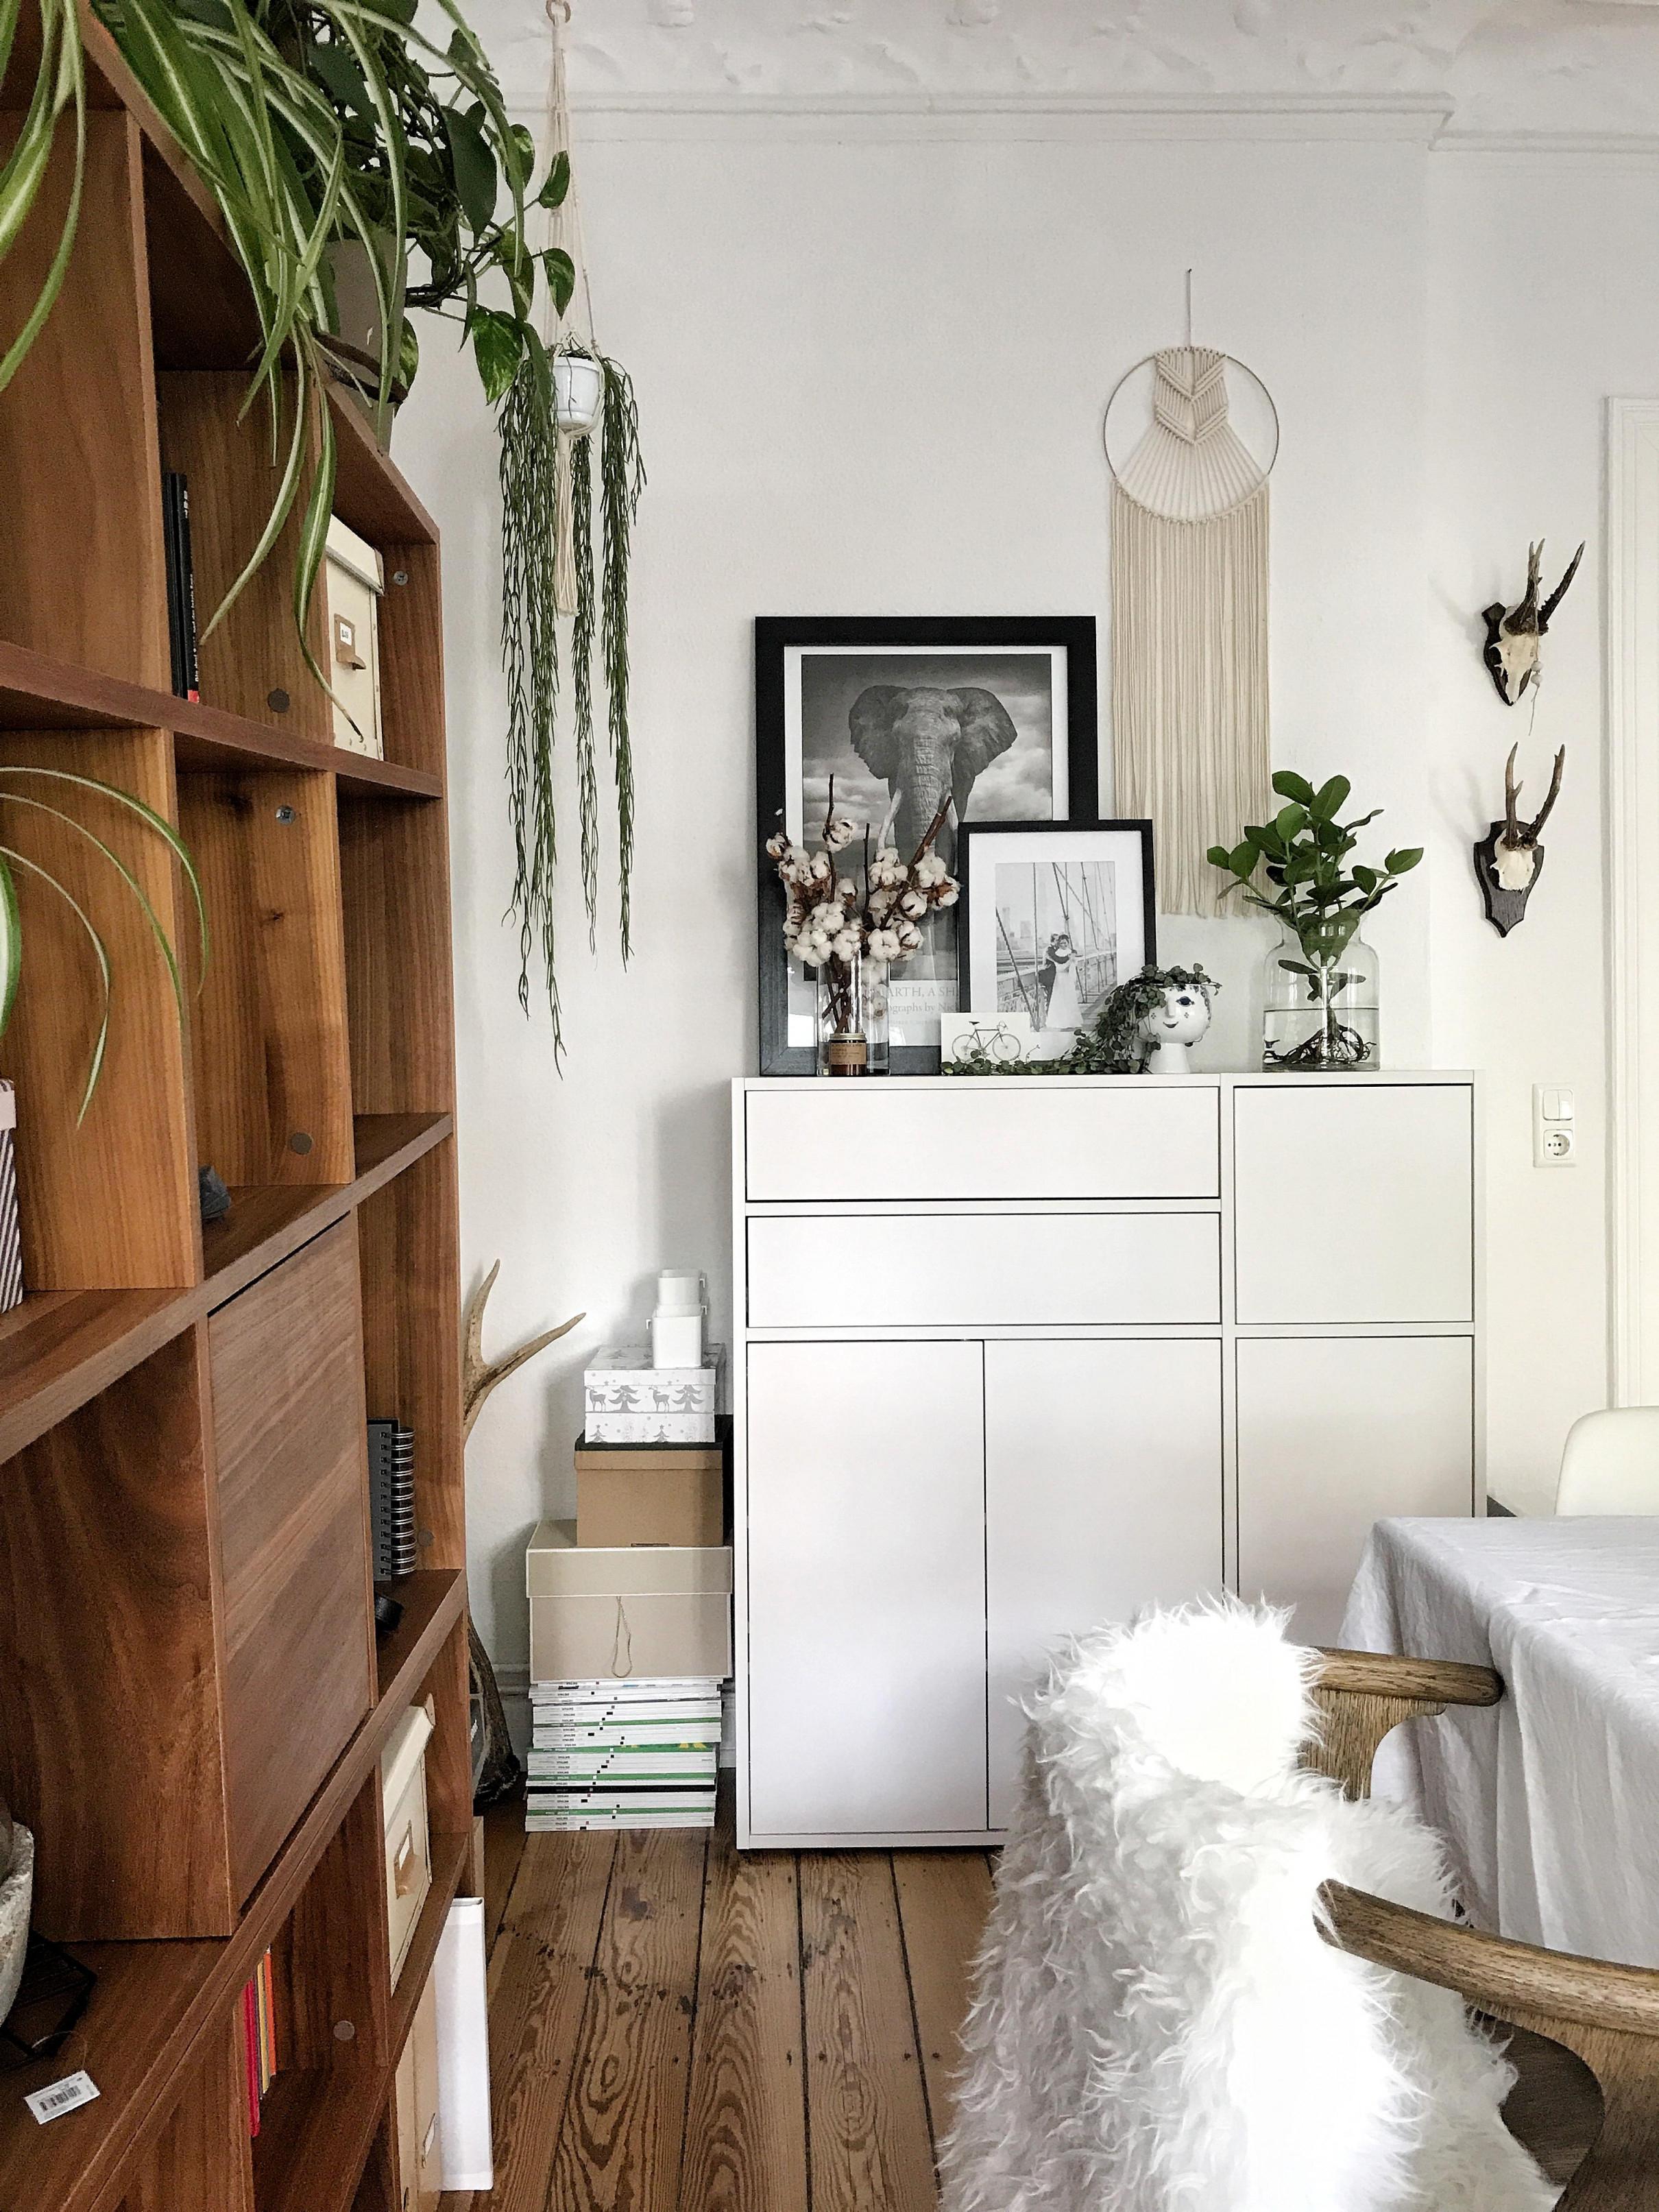 Stauraumideen Tricks Für Mehr Ordnung Bei Couch von Stauraum Ideen Wohnzimmer Bild